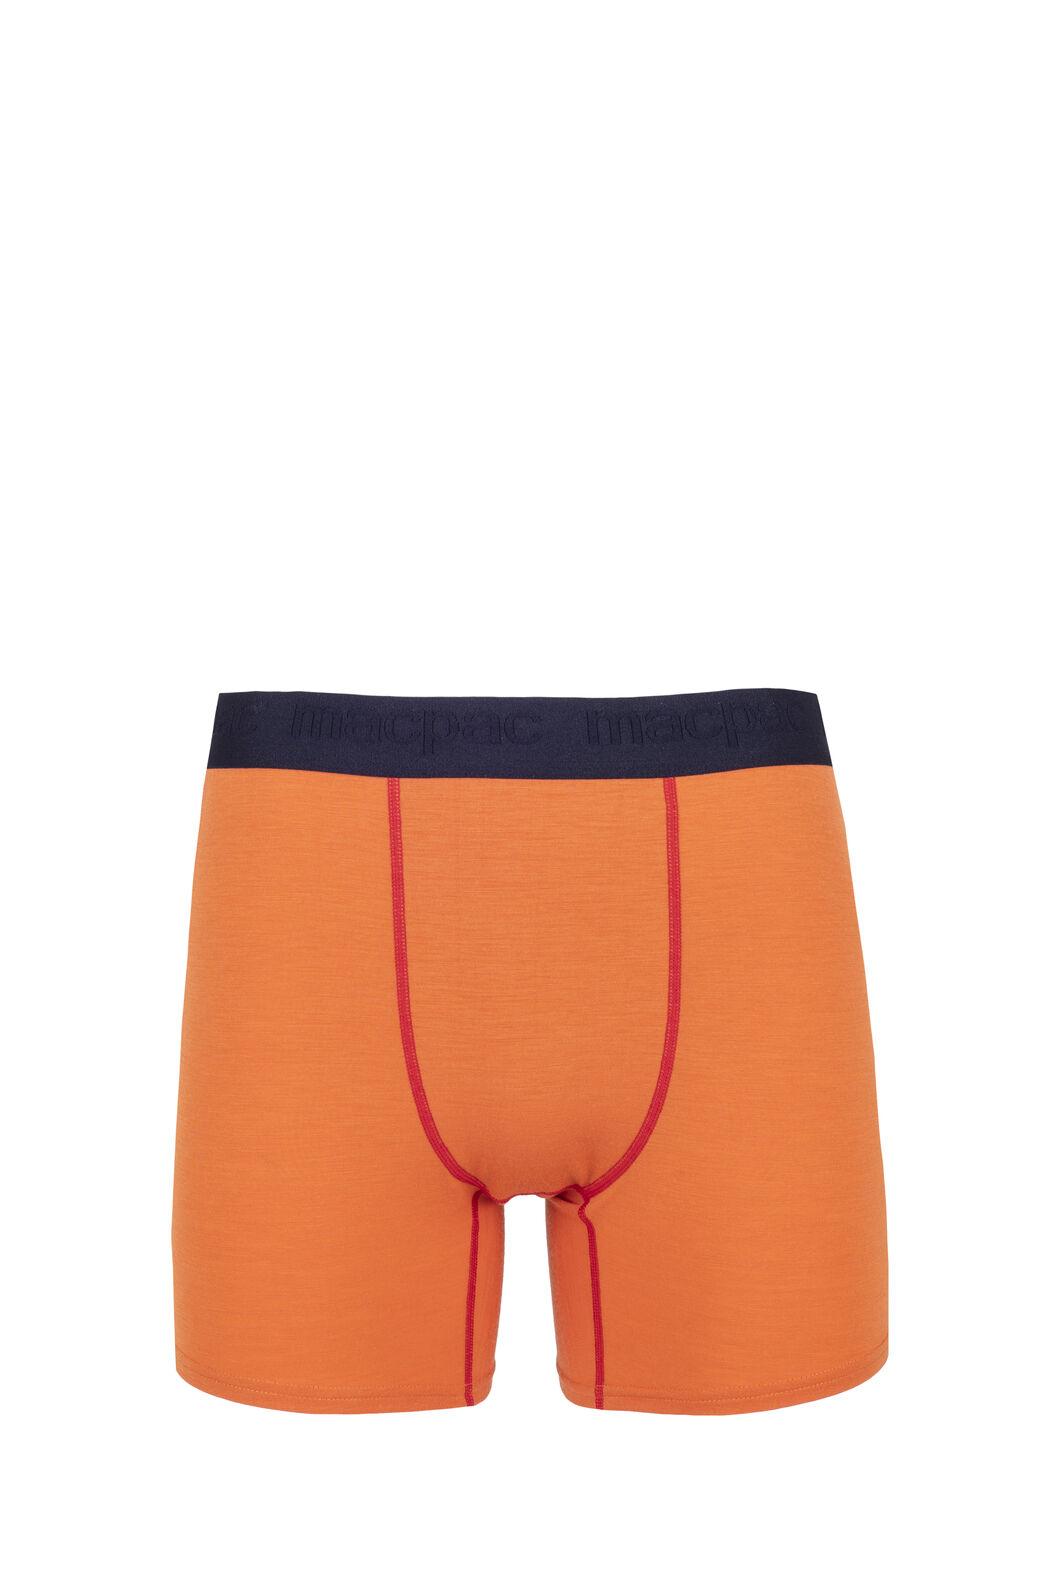 Macpac 180 Merino Boxers - Men's, Burnt Orange/Haute Red, hi-res